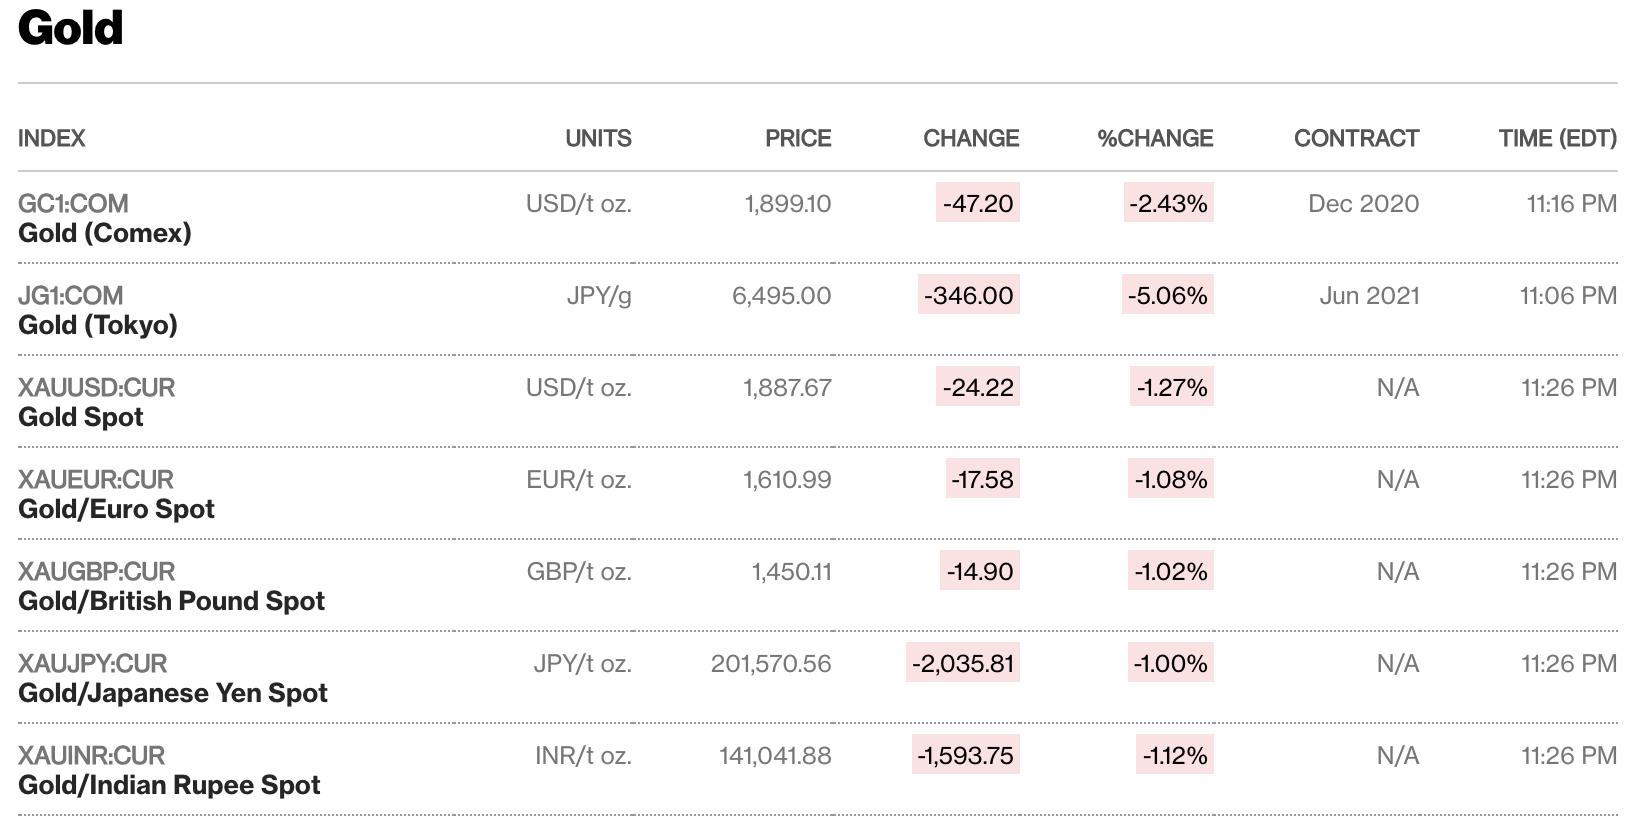 Giá vàng thế giới tiếp tục lao dốc, giảm gần 9% chỉ trong vòng 6 ngày - Ảnh 1.